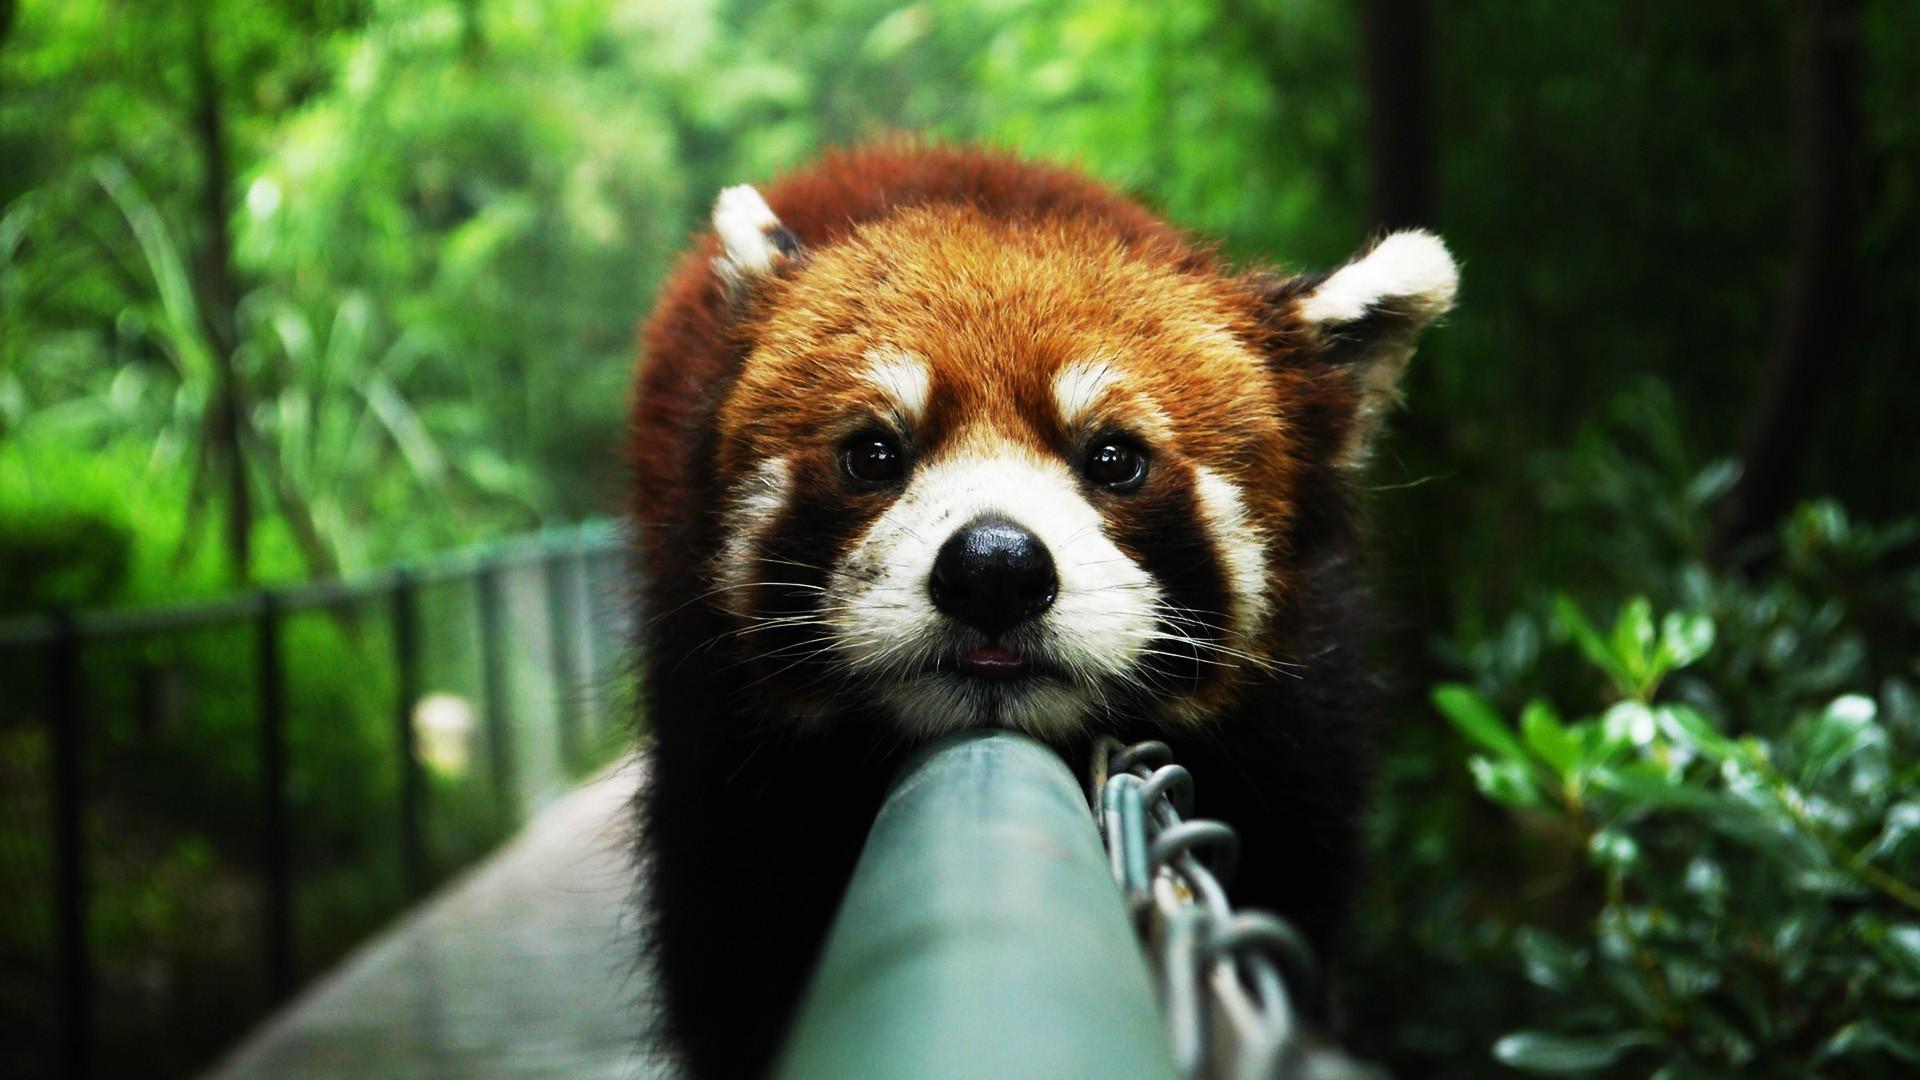 panda wallpapers for desktop